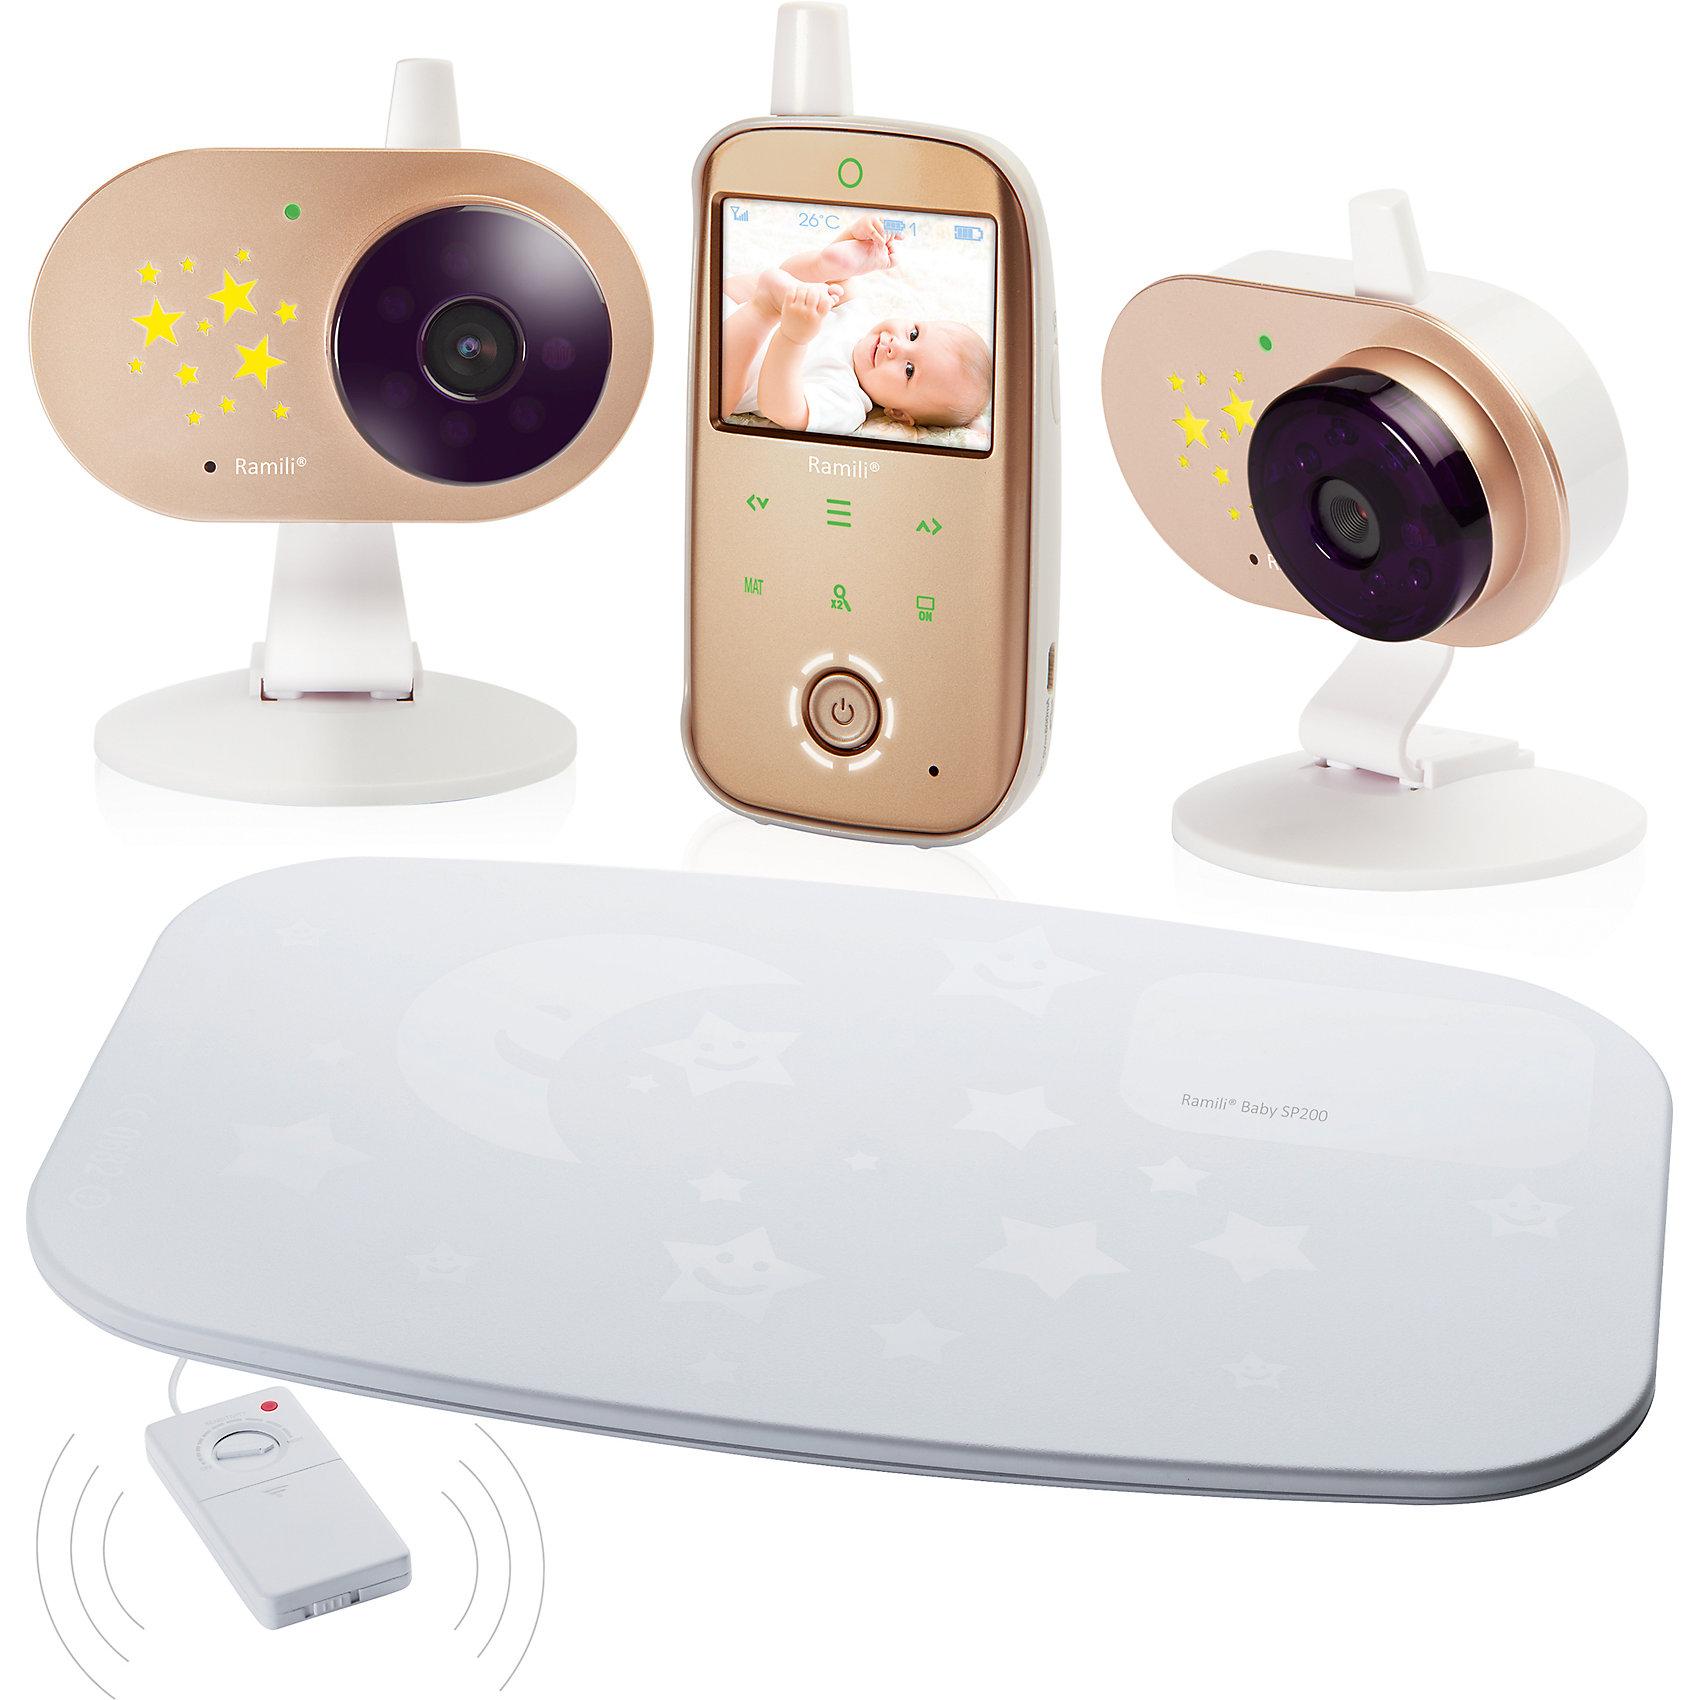 Видеоняня Ramili Baby RV1200SP с монитором дыханияДетская бытовая техника<br>Видеоняня с монитором дыхания Baby RV1200SP, Ramili  (Рамили)<br><br>Характеристики:<br><br>• монитор дыхания в комплекте<br>• индикатор громкости плача<br>• стабильная передача данных<br>• изображение без помех<br>• двухсторонний режим<br>• термометр <br>• цифровой зум<br>• встроенный проектор звездного неба<br>• функция ночного видения<br>• индикатор заряда<br>• оповещение о выходе из зоны покрытия<br>• удобная подставка для родительского блока<br>• кнопки с подсветкой<br>• возможно подключение монитора дыхания и дополнительных камер<br>• дальность действия - 300 метров<br>• количество камер: 1<br>• диагональ экрана: 6,1 см<br>• размер упаковки: 45х26х2 см<br>• вес: 1200 грамм<br><br>Baby RV1200SP - видеоняня с подключенным монитором дыхания. Комплект состоит из одной камеры, монитора дыхания и родительского блока. Датчик реагирует на плач и движения малыша и передает сигнал на родительский блок. Современная модель устройства позволяет обеспечивать стабильную передачу данных и качественное изображение без помех. <br><br>Есть возможность увеличения изображения. Двухсторонний режим позволит вам общаться с малышом. Встроенный режим ночного видения включается автоматически при наступлении темноты. Видеоняня оснащена встроенным термометром, индикатором заряда и оповещением о выходе из зоны покрытия. Термометр оповестит вас об изменении температуры в детской комнате. <br><br>Встроенный ночник автоматически включает проекцию звездного неба при обнаружении детского плача. Высокочувствительные датчики монитора дыхания улавливают дыхание и движение крохи. В случае отсутствия дыхания в течение 20 секунд, датчик передает сигнал на родительский блок. Возможно подключение дополнительных камер и мониторов дыхания при необходимости. <br><br>Видеоняню с монитором дыхания Baby RV1200SP, Ramili (Рамили)  вы можете купить в нашем интернет-магазине.<br><br>Ширина мм: 200<br>Глубина мм: 450<br>Высота мм: 260<b